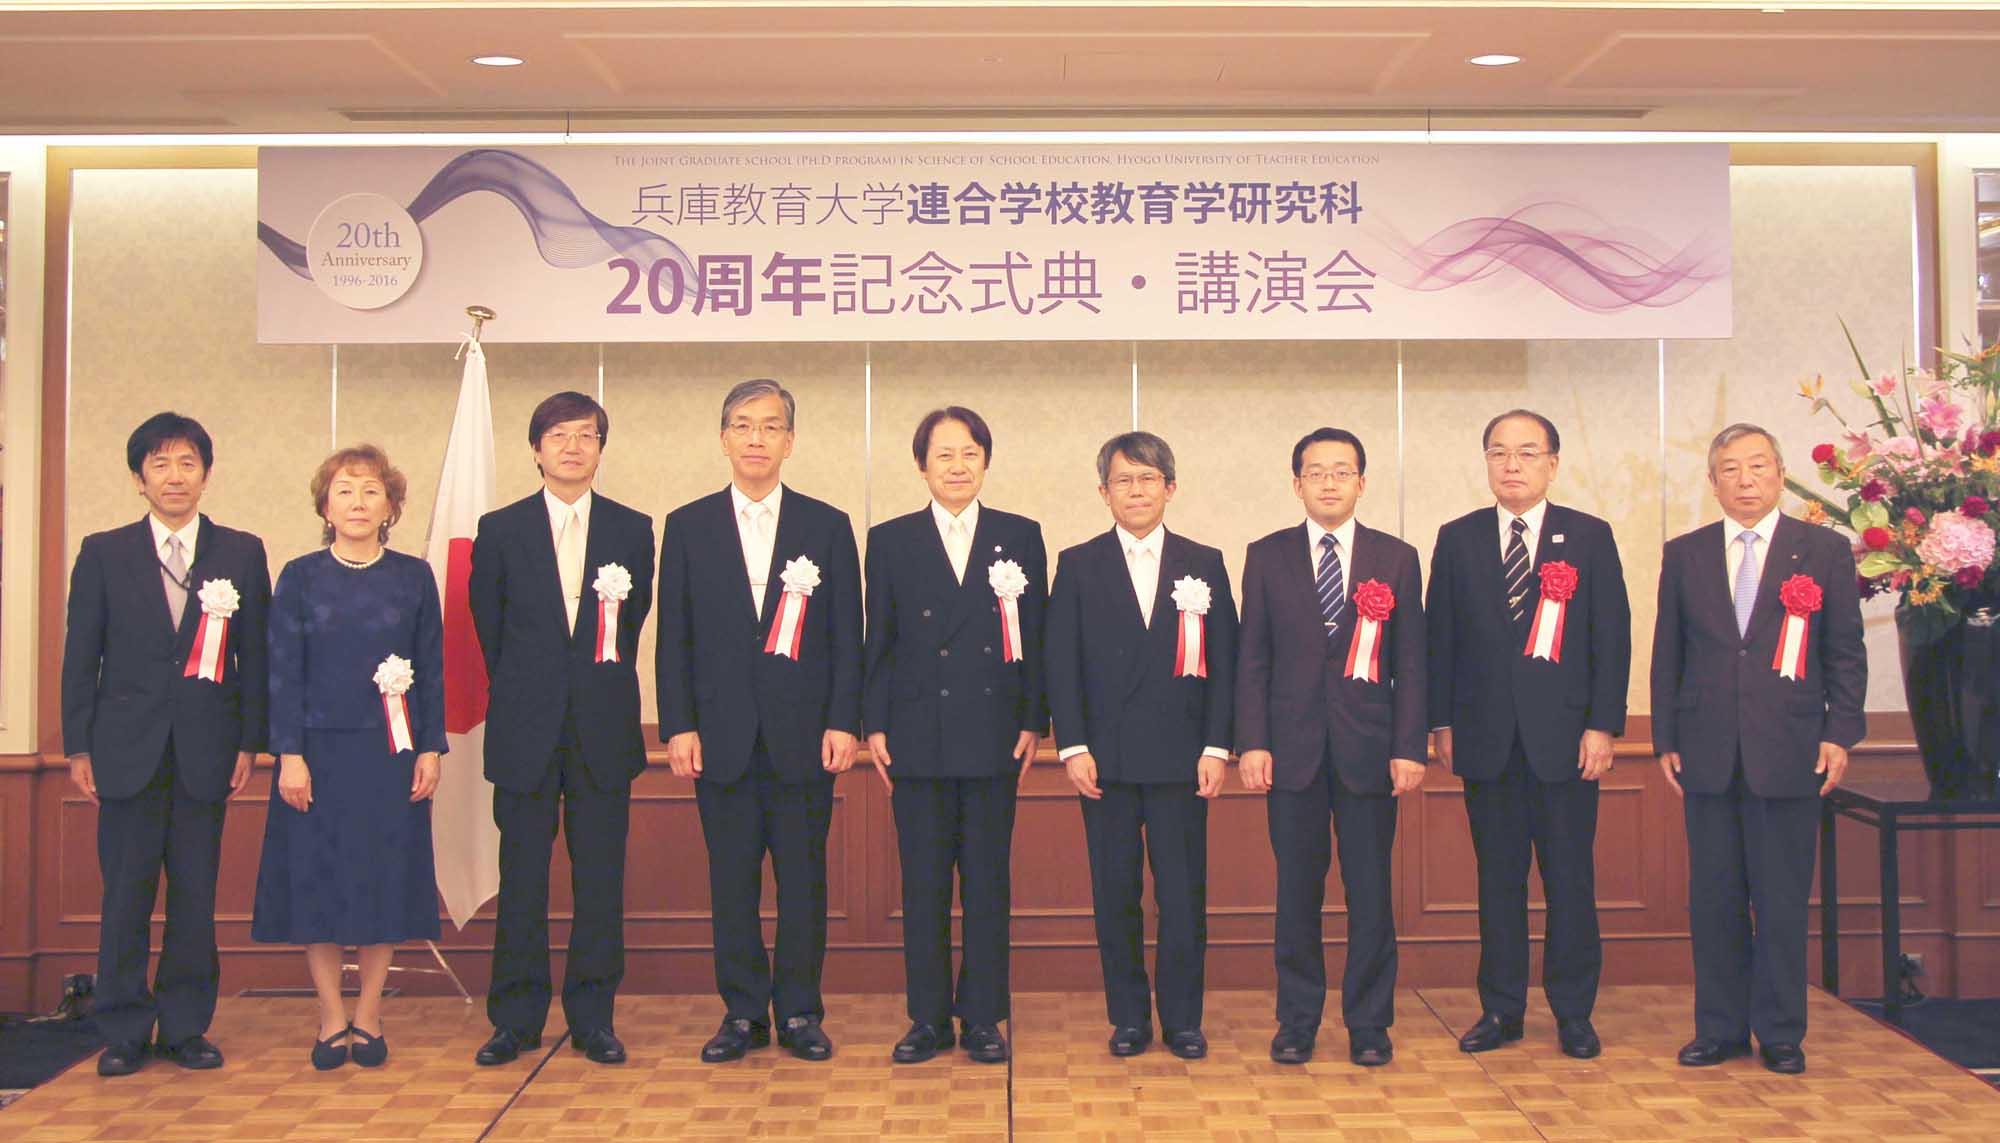 rendai20-1_ceremony.jpg